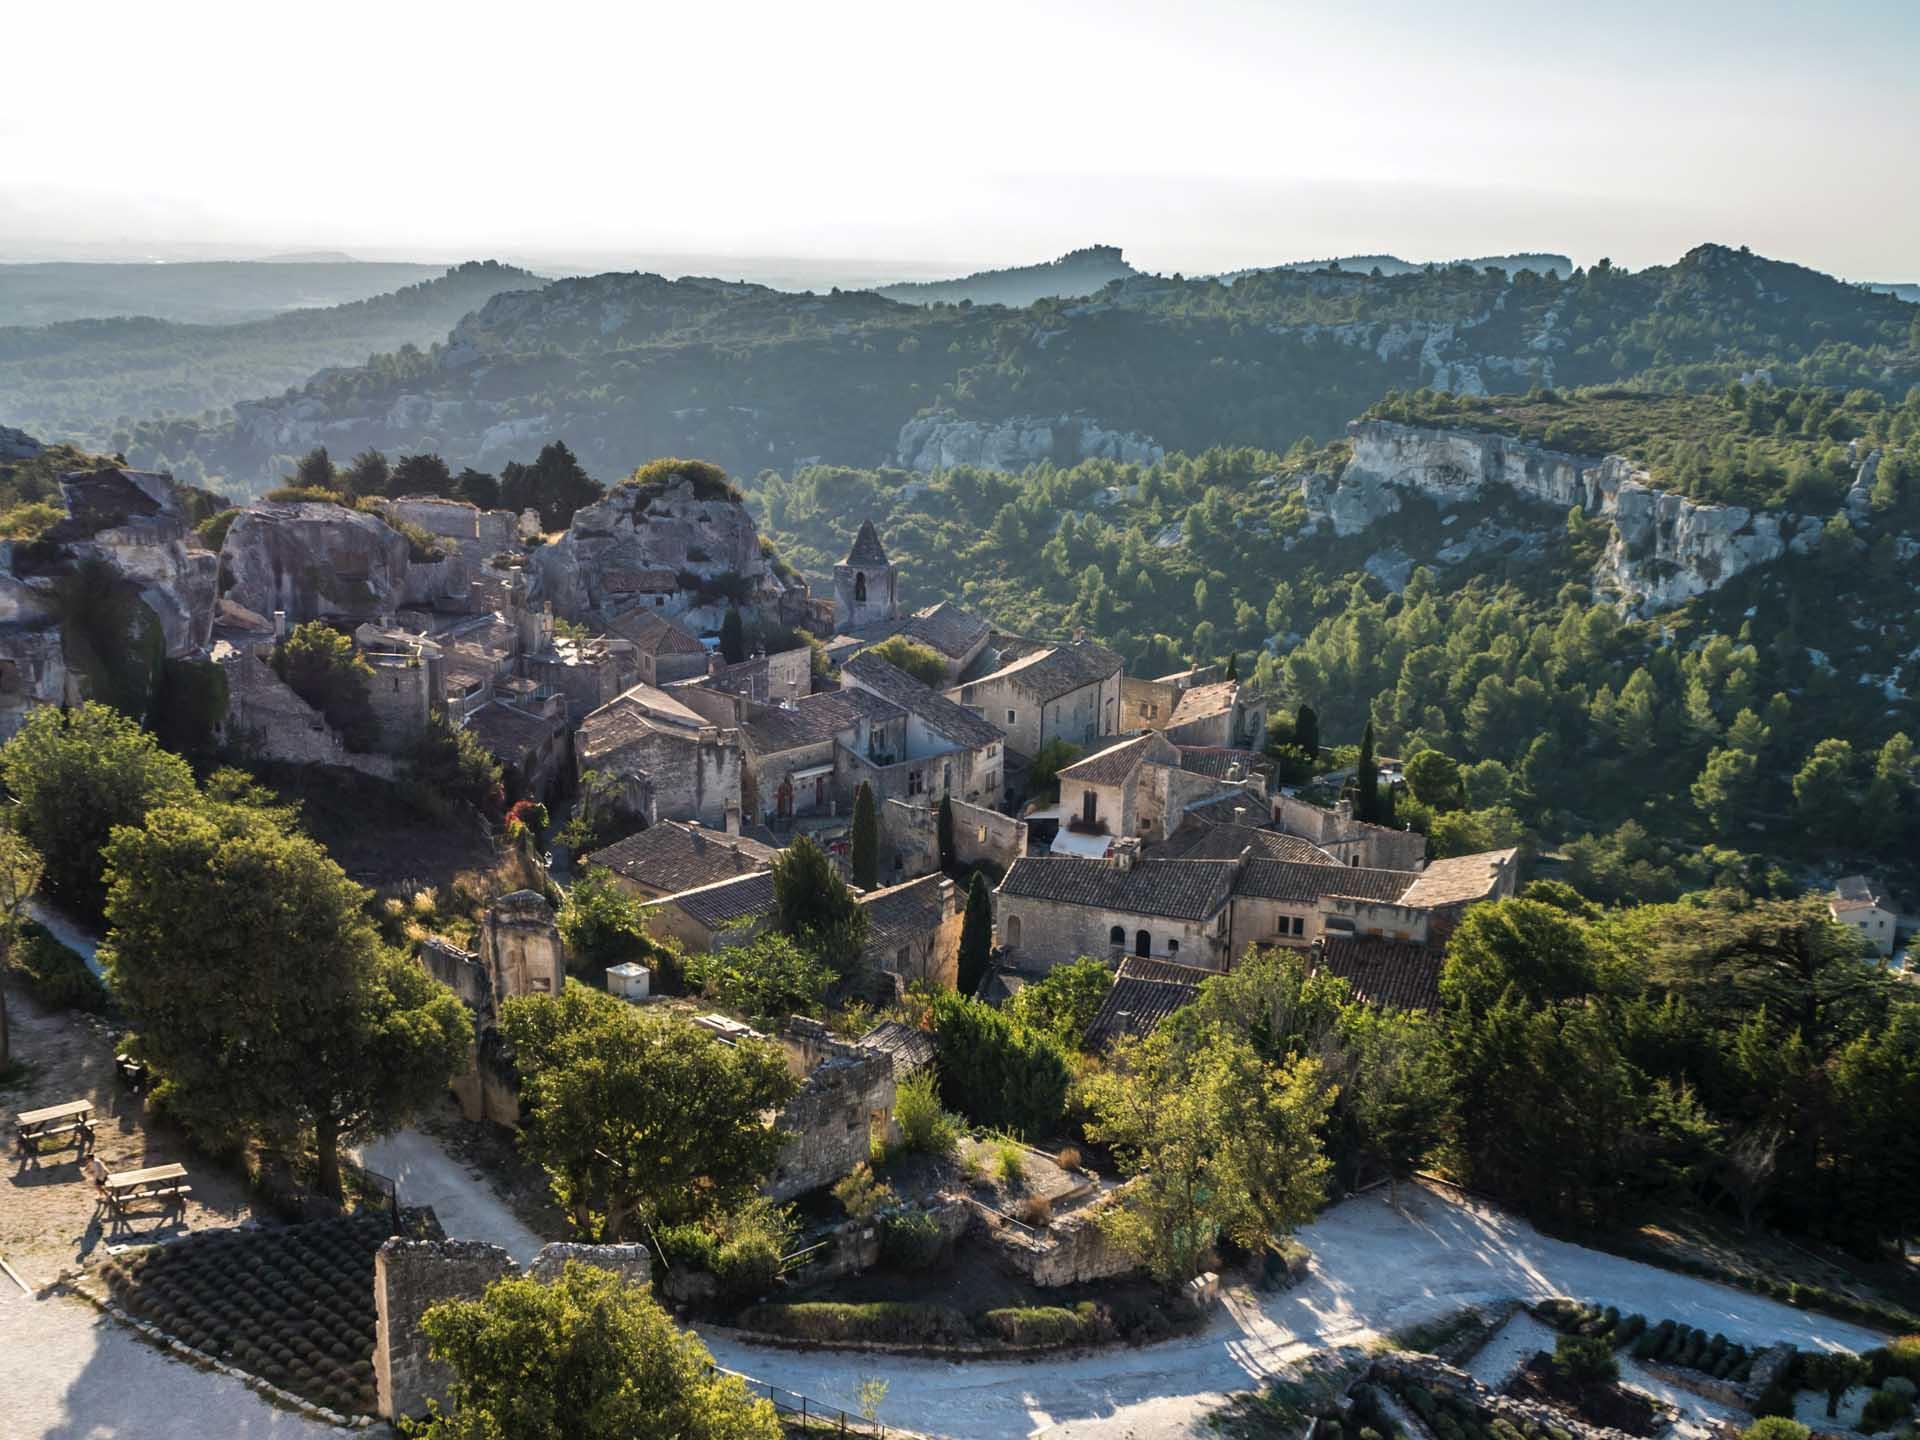 Les Baux-de-Provence © Jaakko Kemppainen